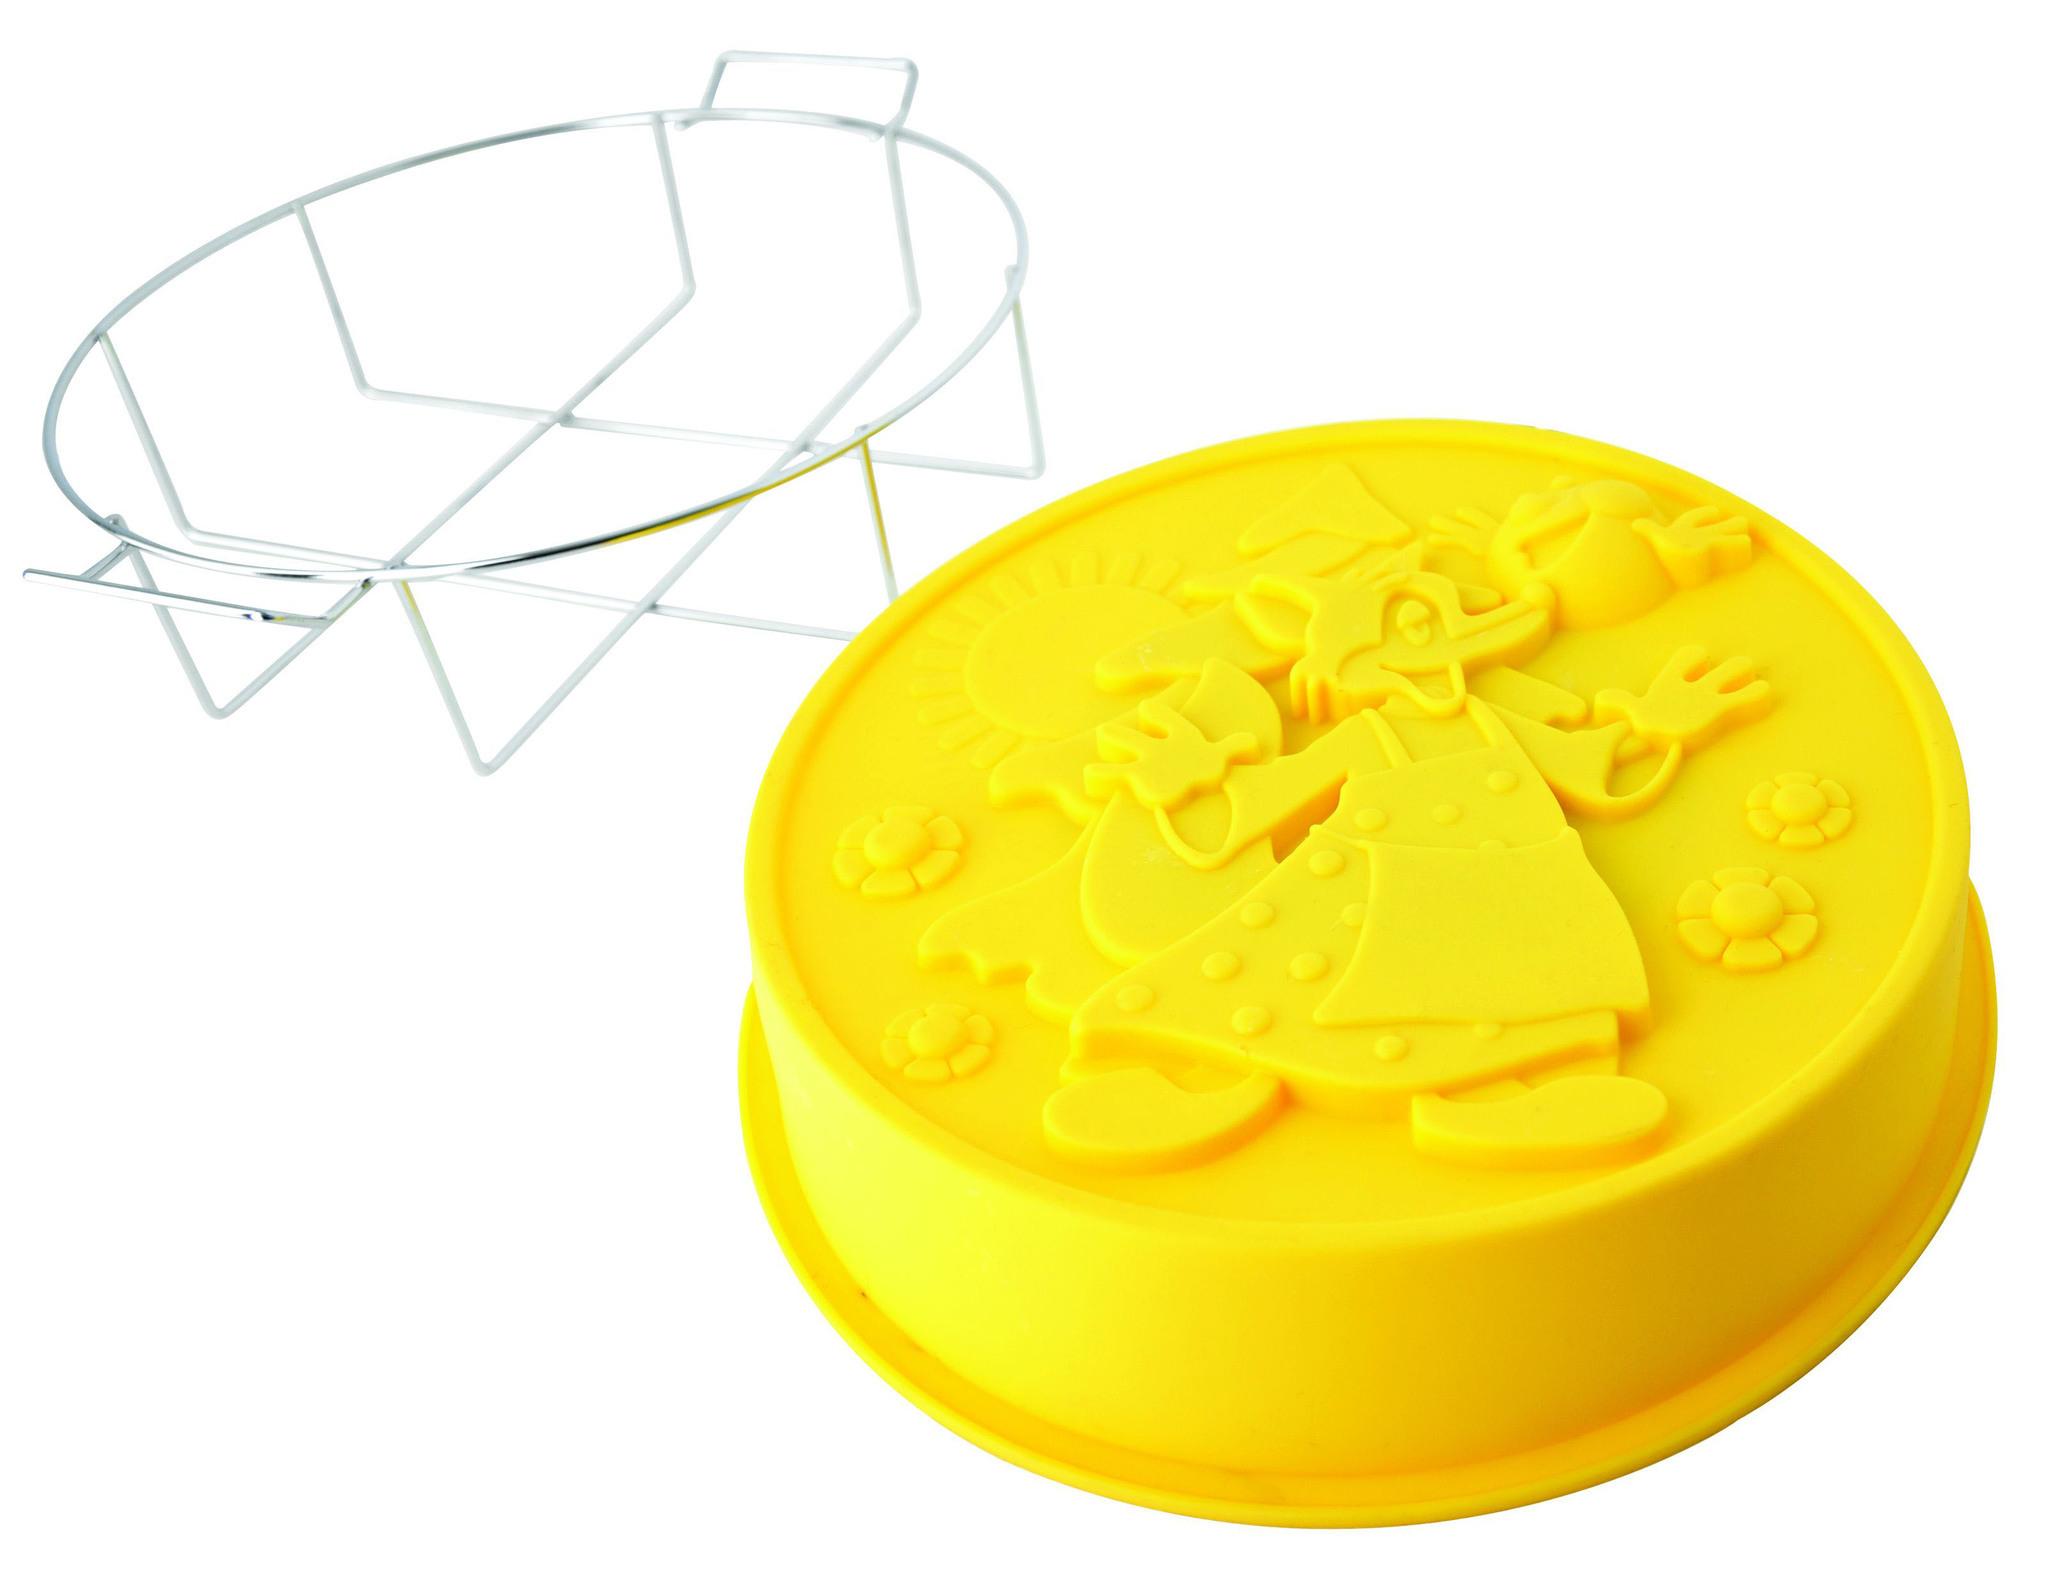 Форма для выпечки Regent inoxВсе для выпечки<br>Тип: форма для выпечки,<br>Материал: силикон,<br>Размер противня: 250x60мм<br>